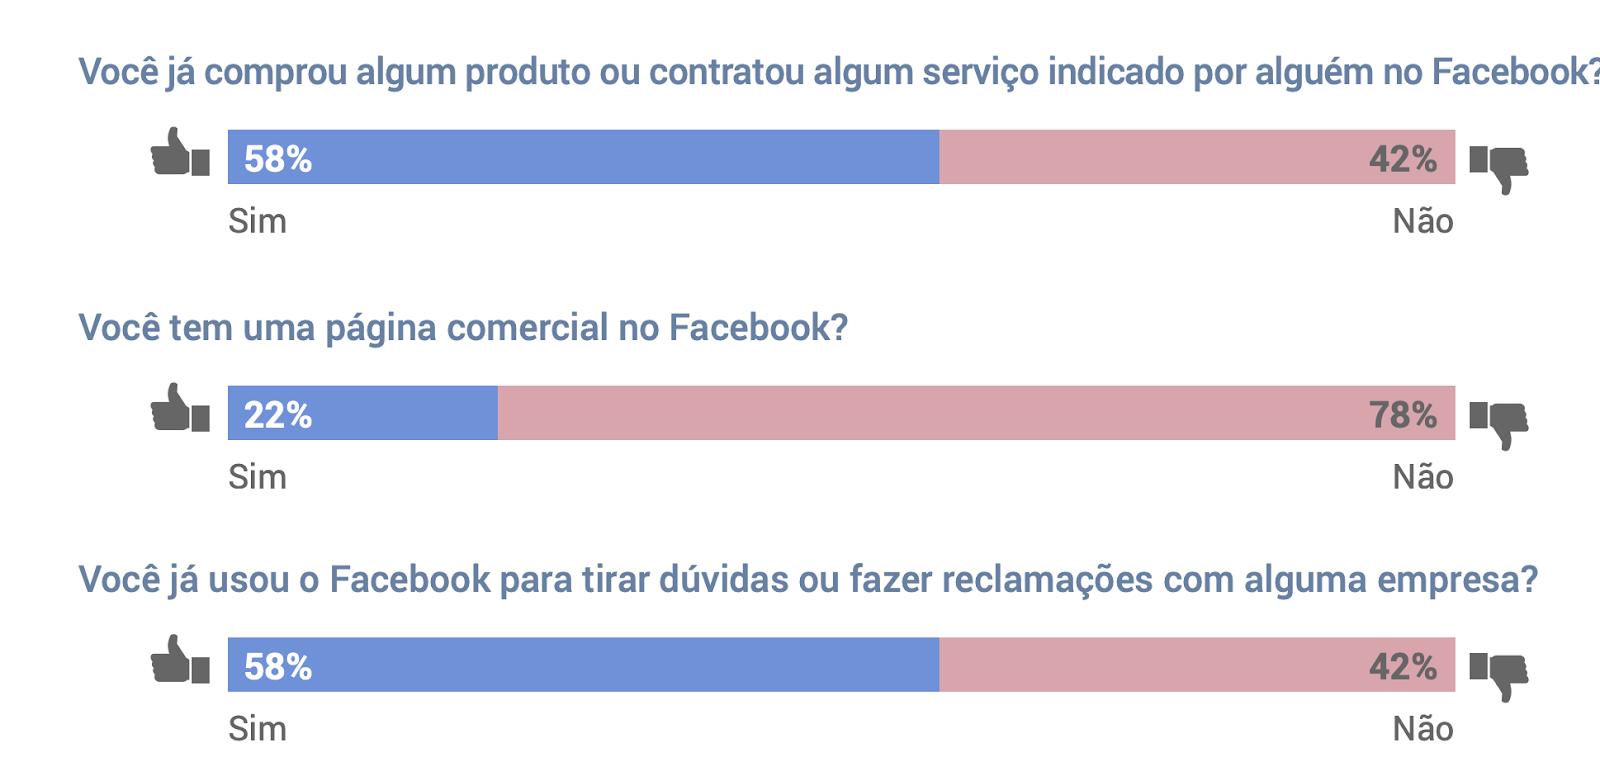 Marces e influenciadores Facebook no Brasil 2 - Facebook no Brasil: veja o que os usuários pensam sobre a rede social